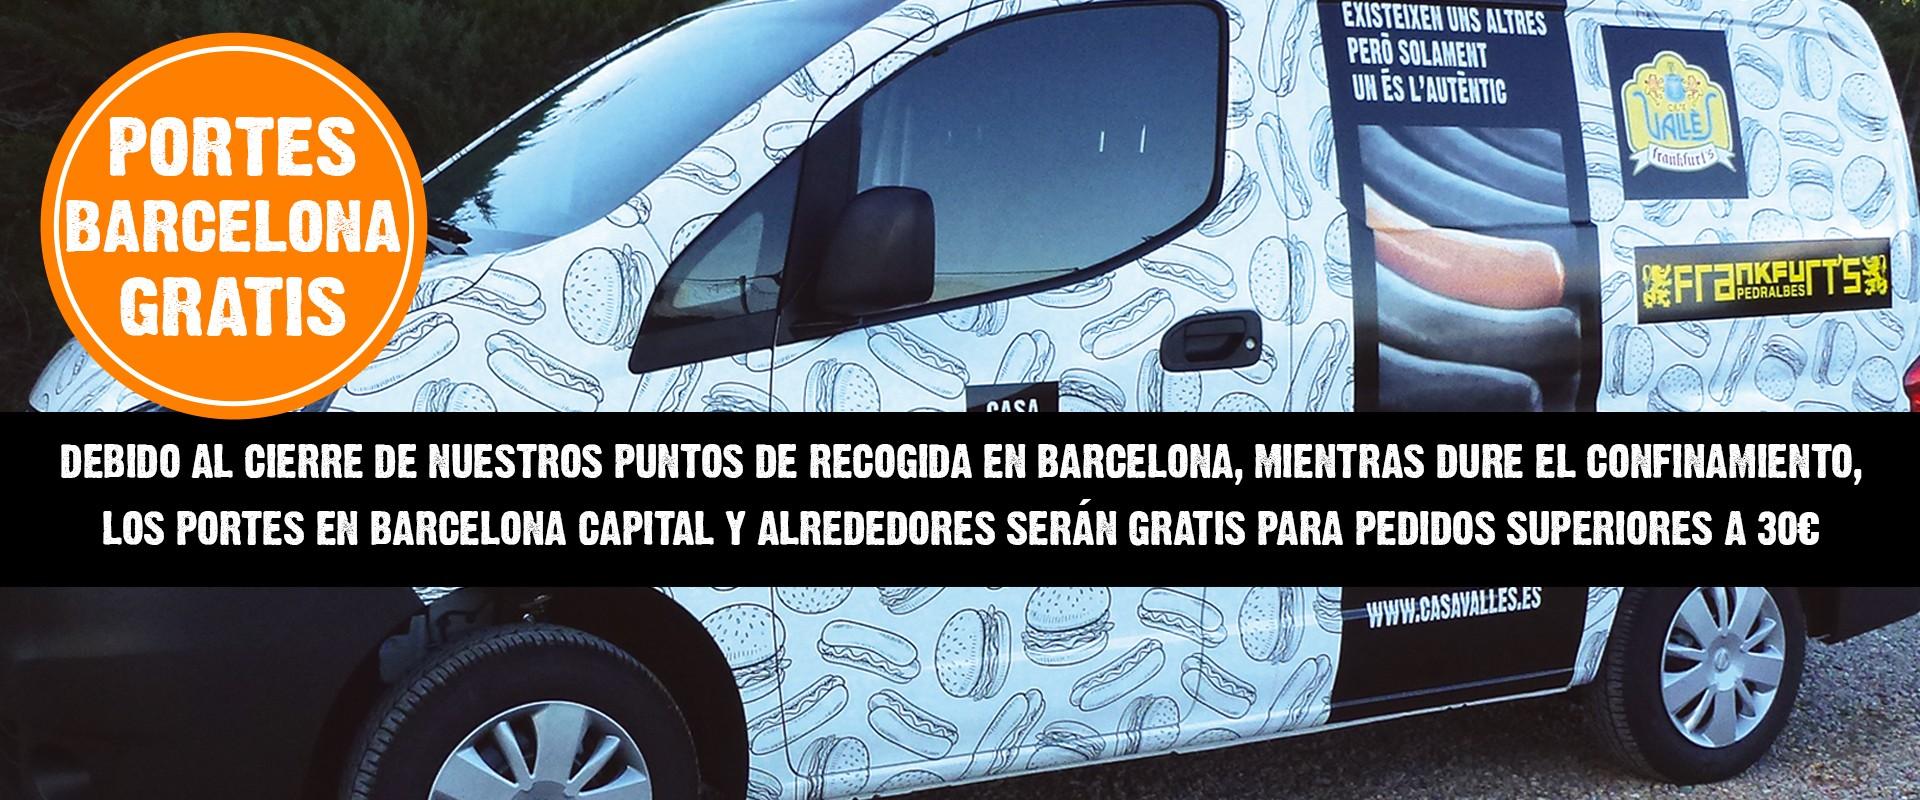 Portes Barcelona y alrededores GRATIS